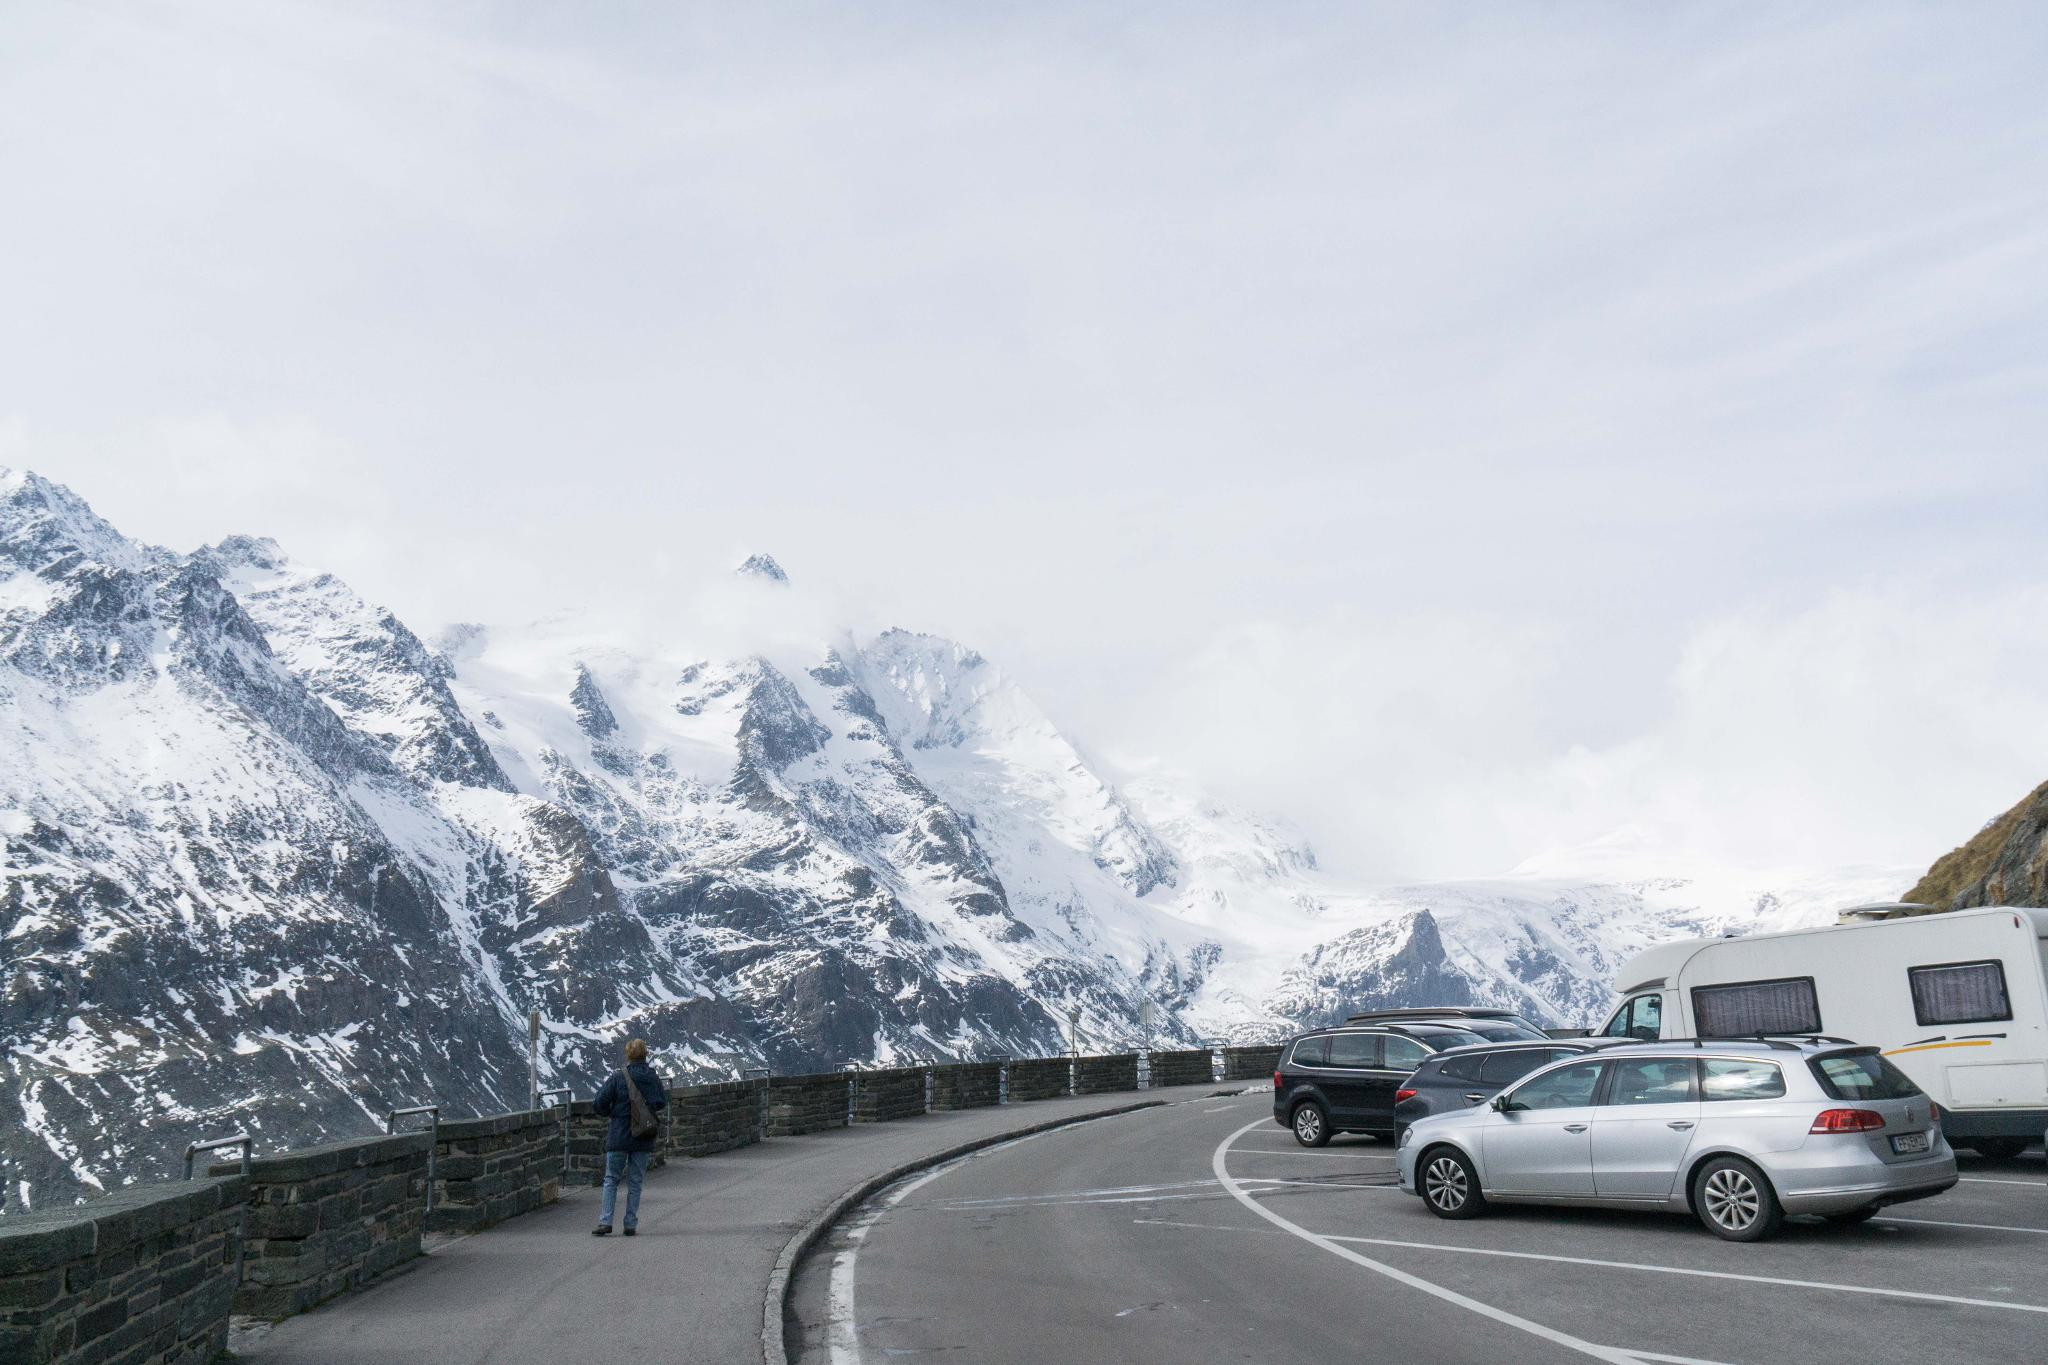 【奧地利】穿越阿爾卑斯之巔 — 奧地利大鐘山冰河公路 (Grossglockner High Alpine Road) 37